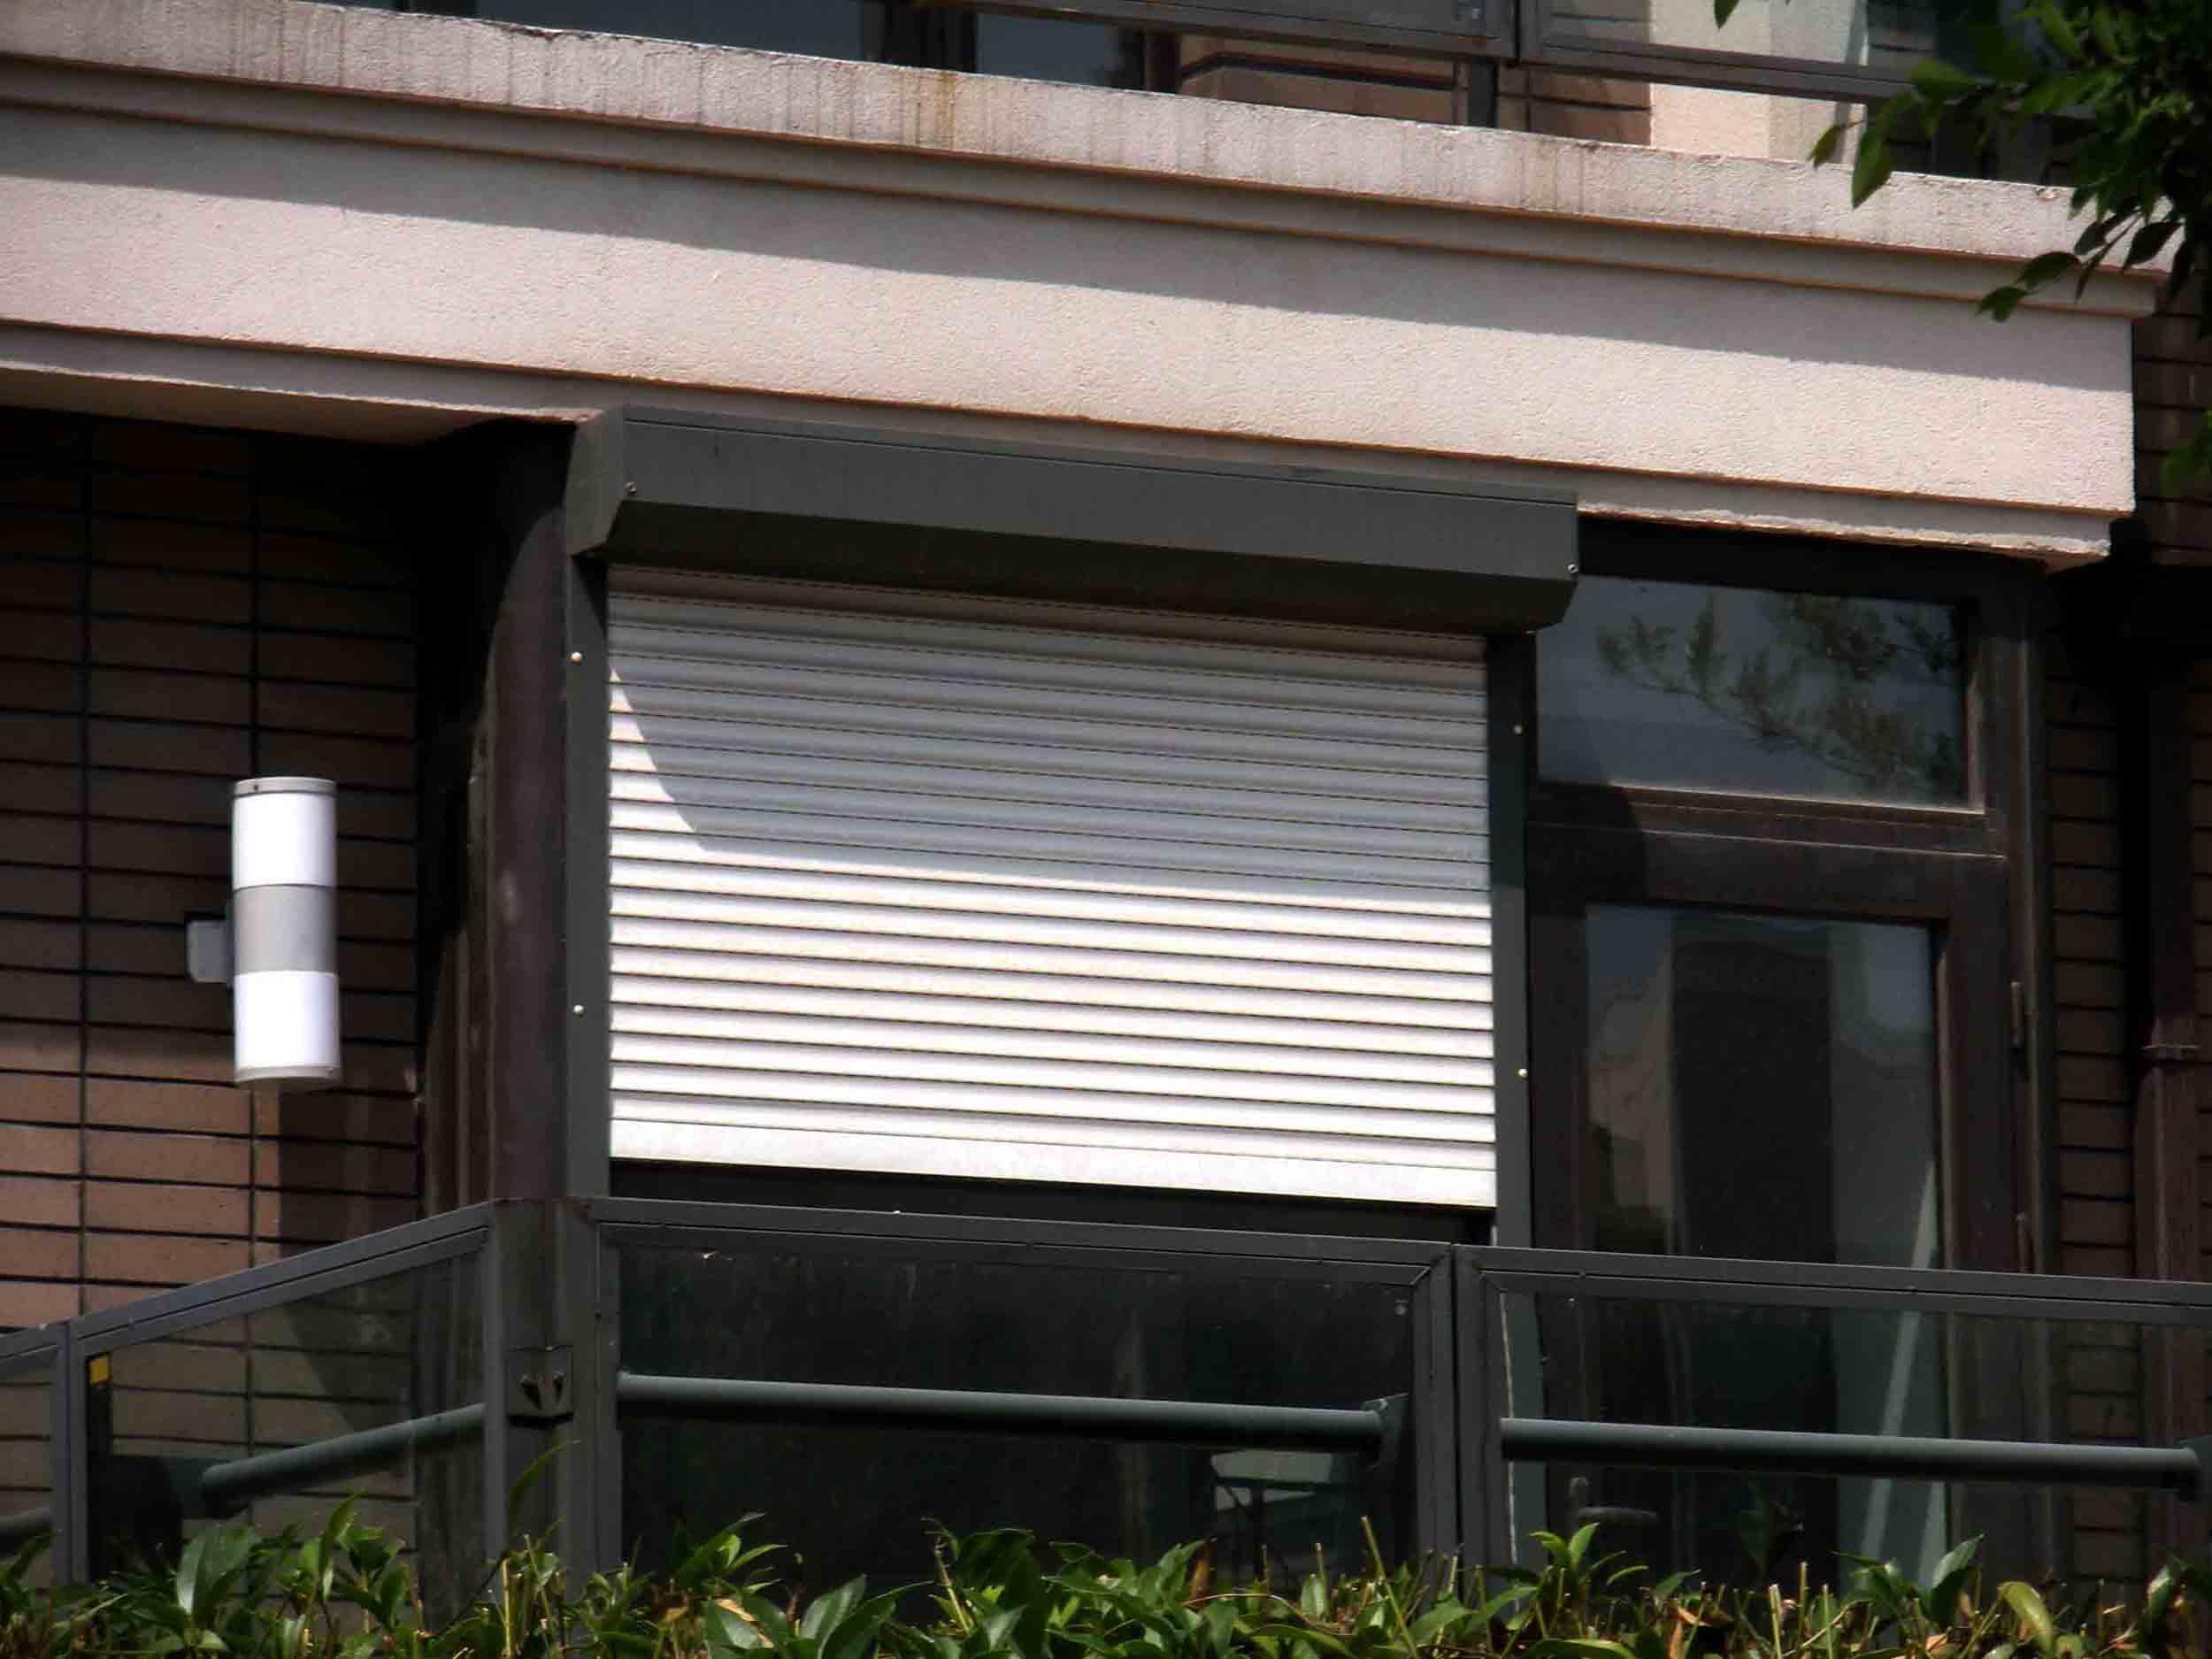 个人订购铝合金外遮阳卷帘窗